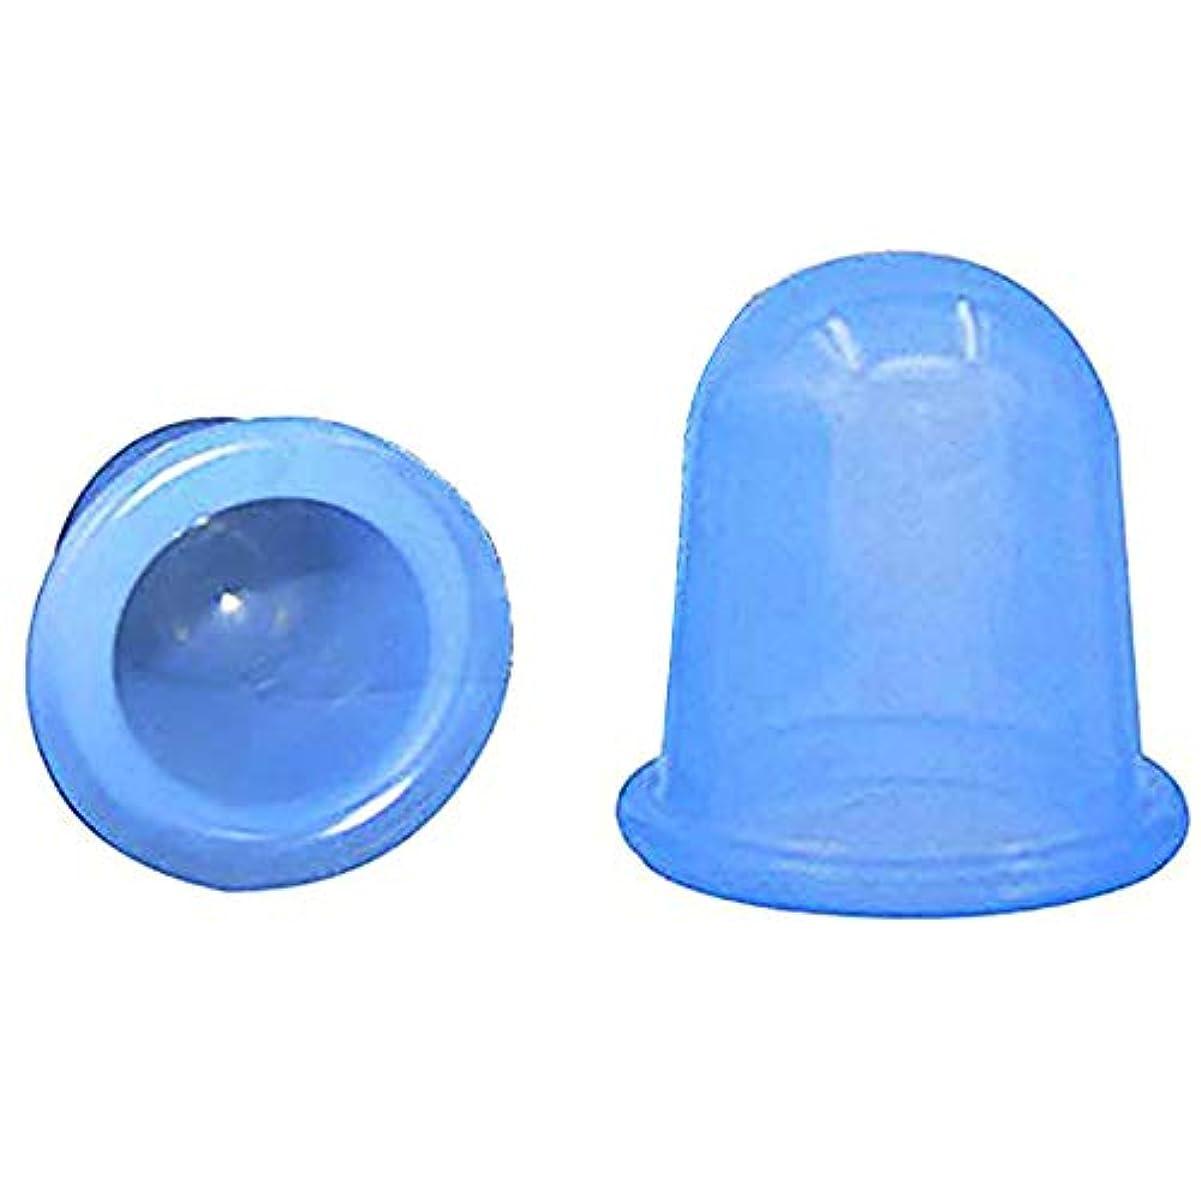 シットコム振る破滅マッサージカップ 吸い玉 真空カッピング マッサージ カッピングセット 吸玉 真空 シリコーン ために筋肉痛救済 男女兼用 2個入り